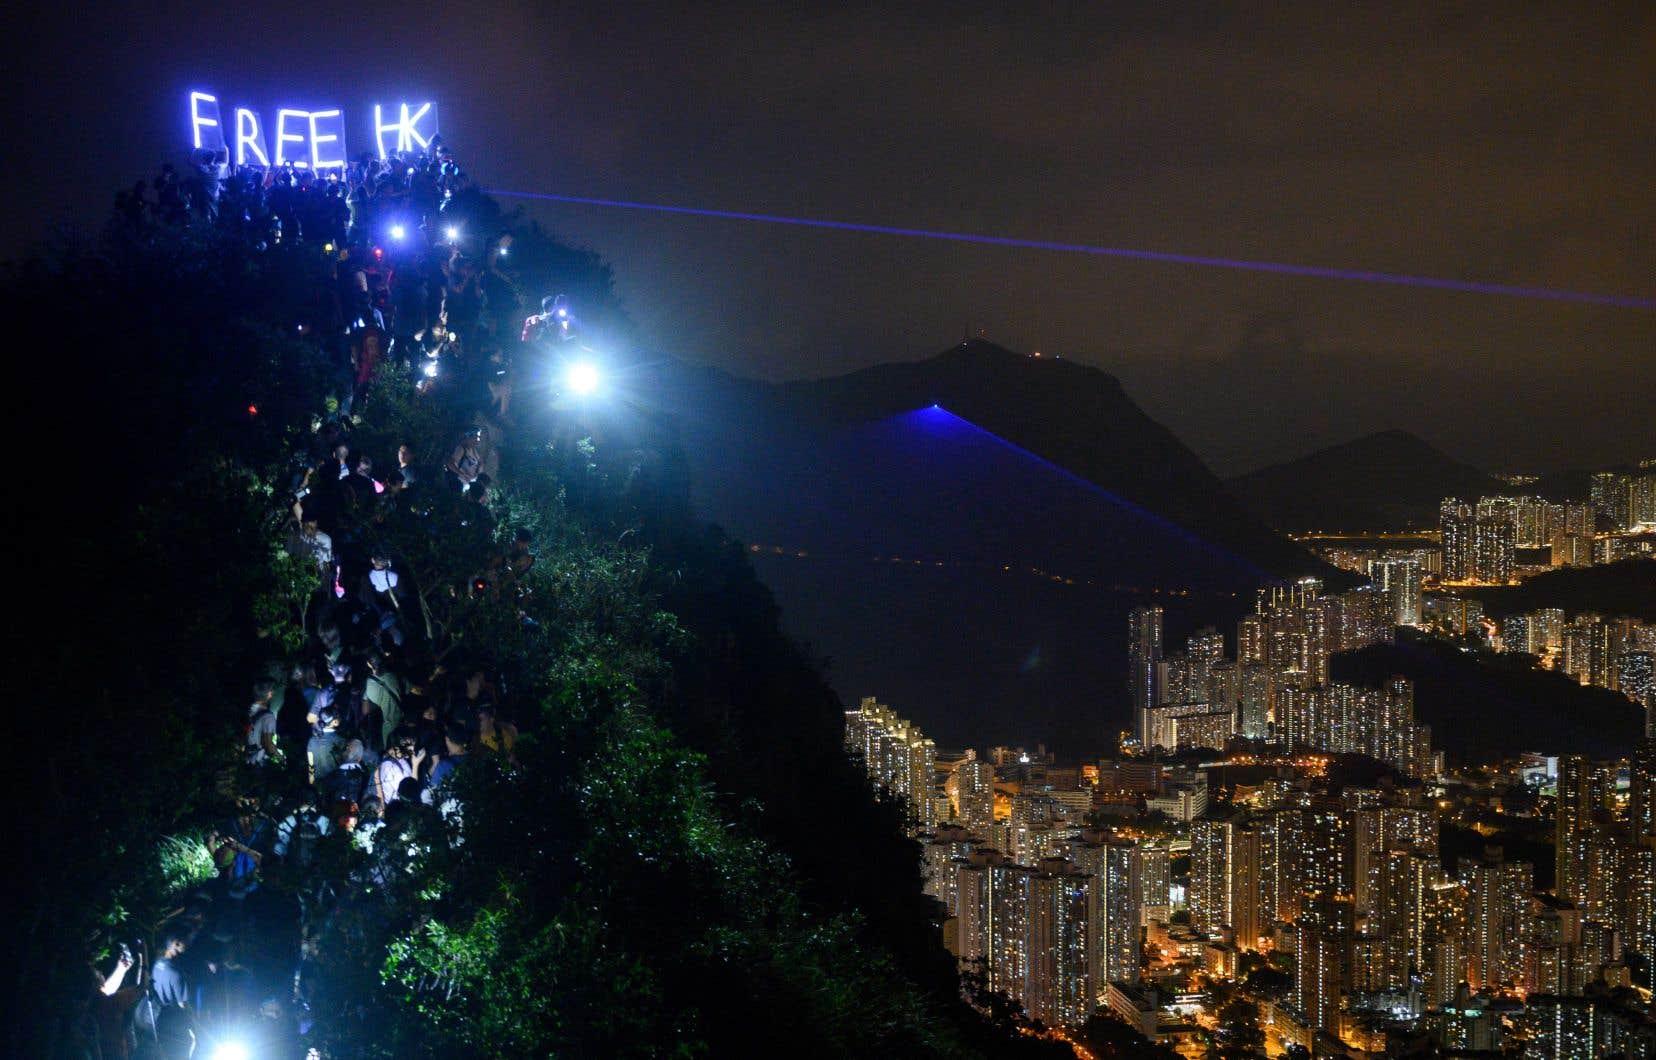 Des milliers de manifestants prodémocratie ont illuminé vendredi soir de torches, lanternes ou pointeurs laser deux des collines de Hong Kong, profitant de l'ouverture de festivités traditionnelles pour rappeler leur détermination.